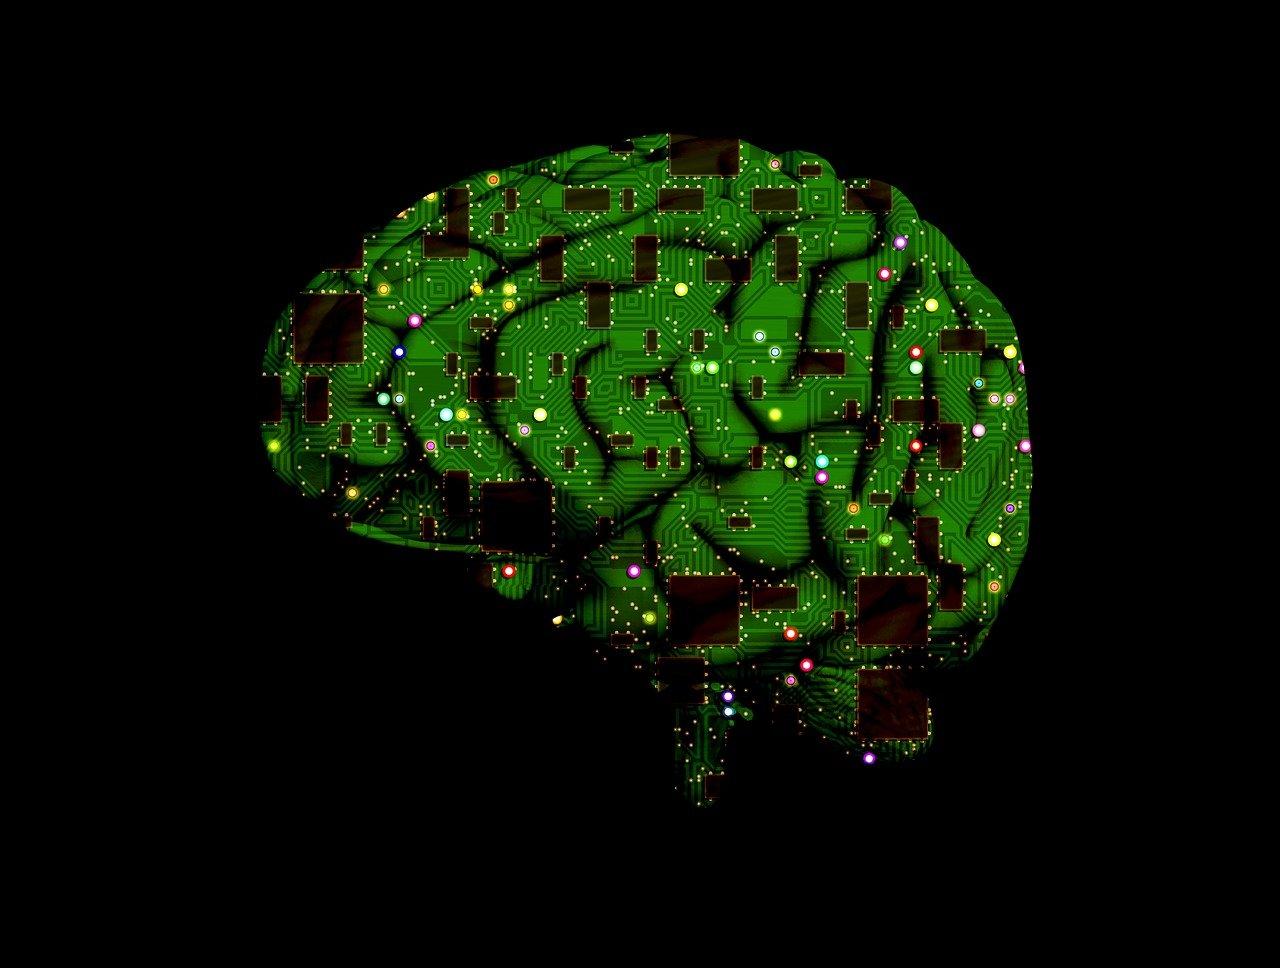 Může lidský mozek požírat sám sebe? Vědci jsou v šoku, hrozí nám velké problémy - anotační obrázek